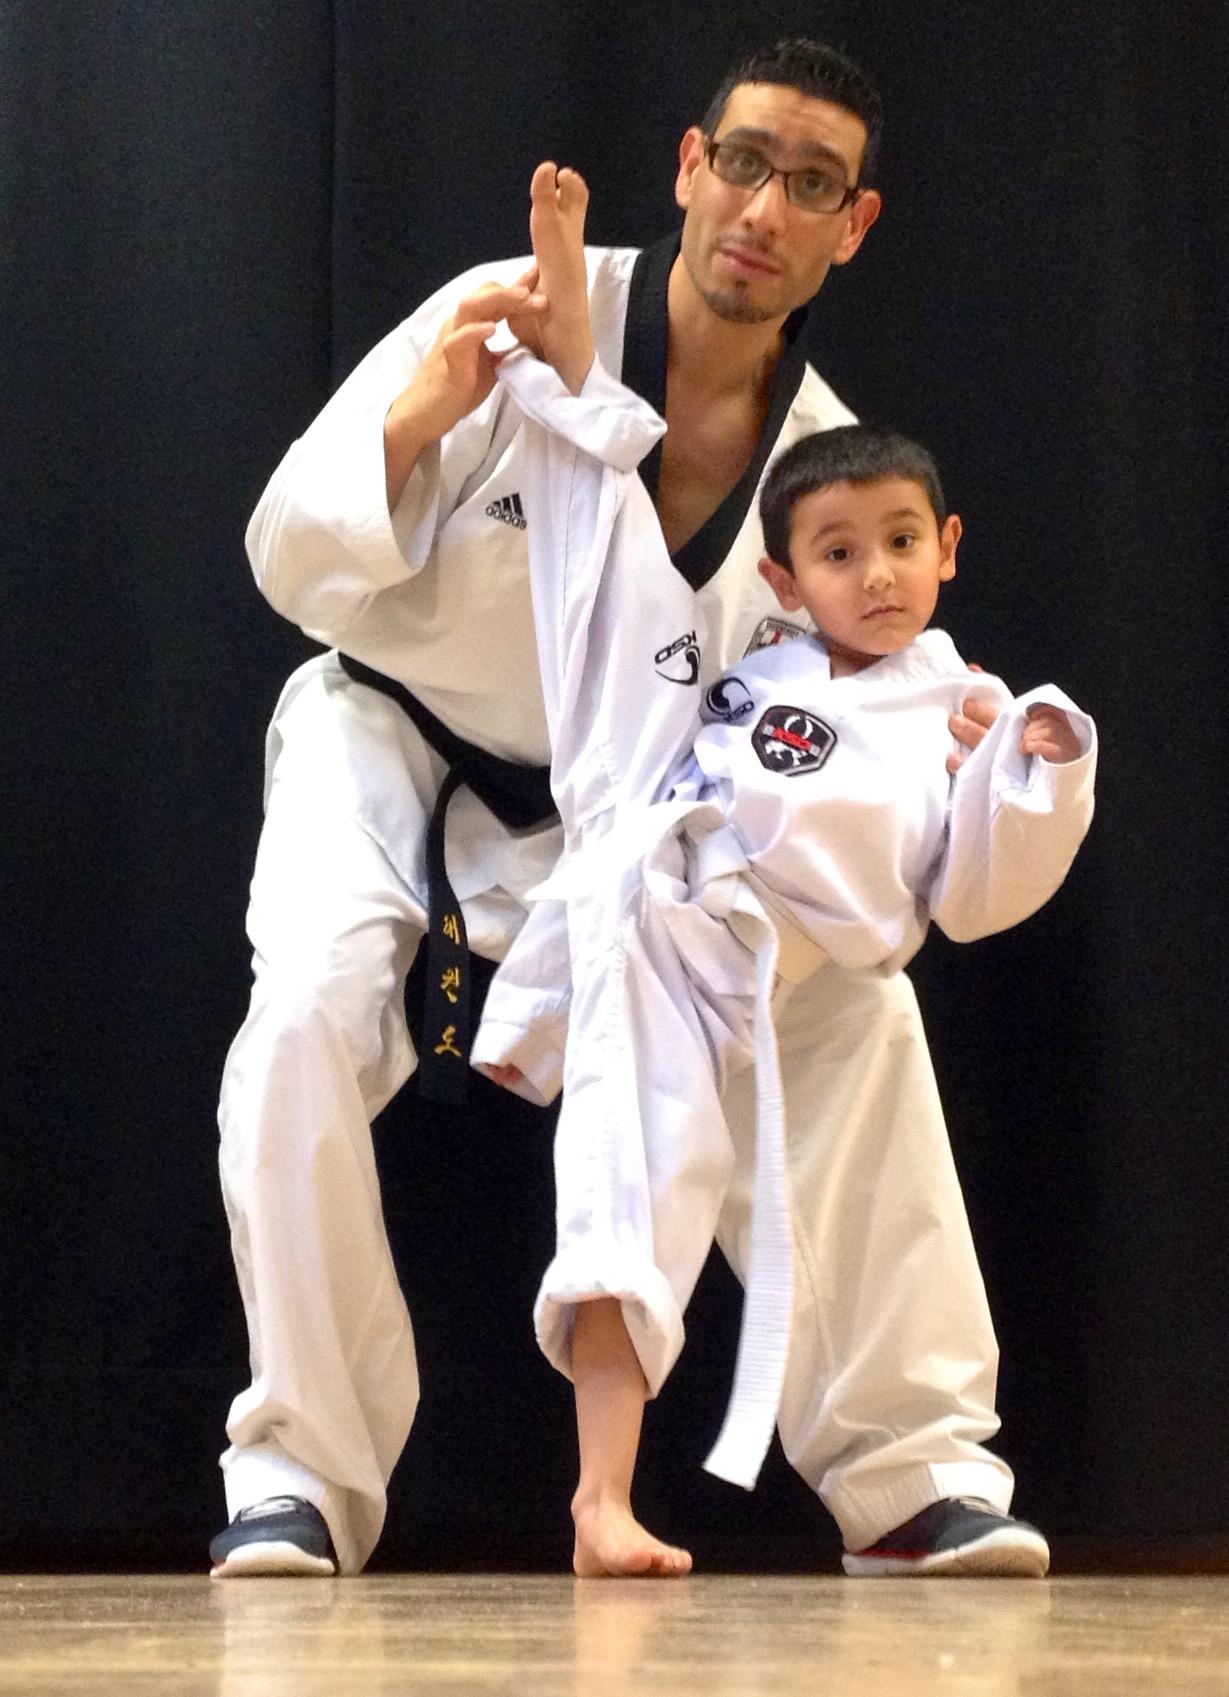 Man teaching martial arts